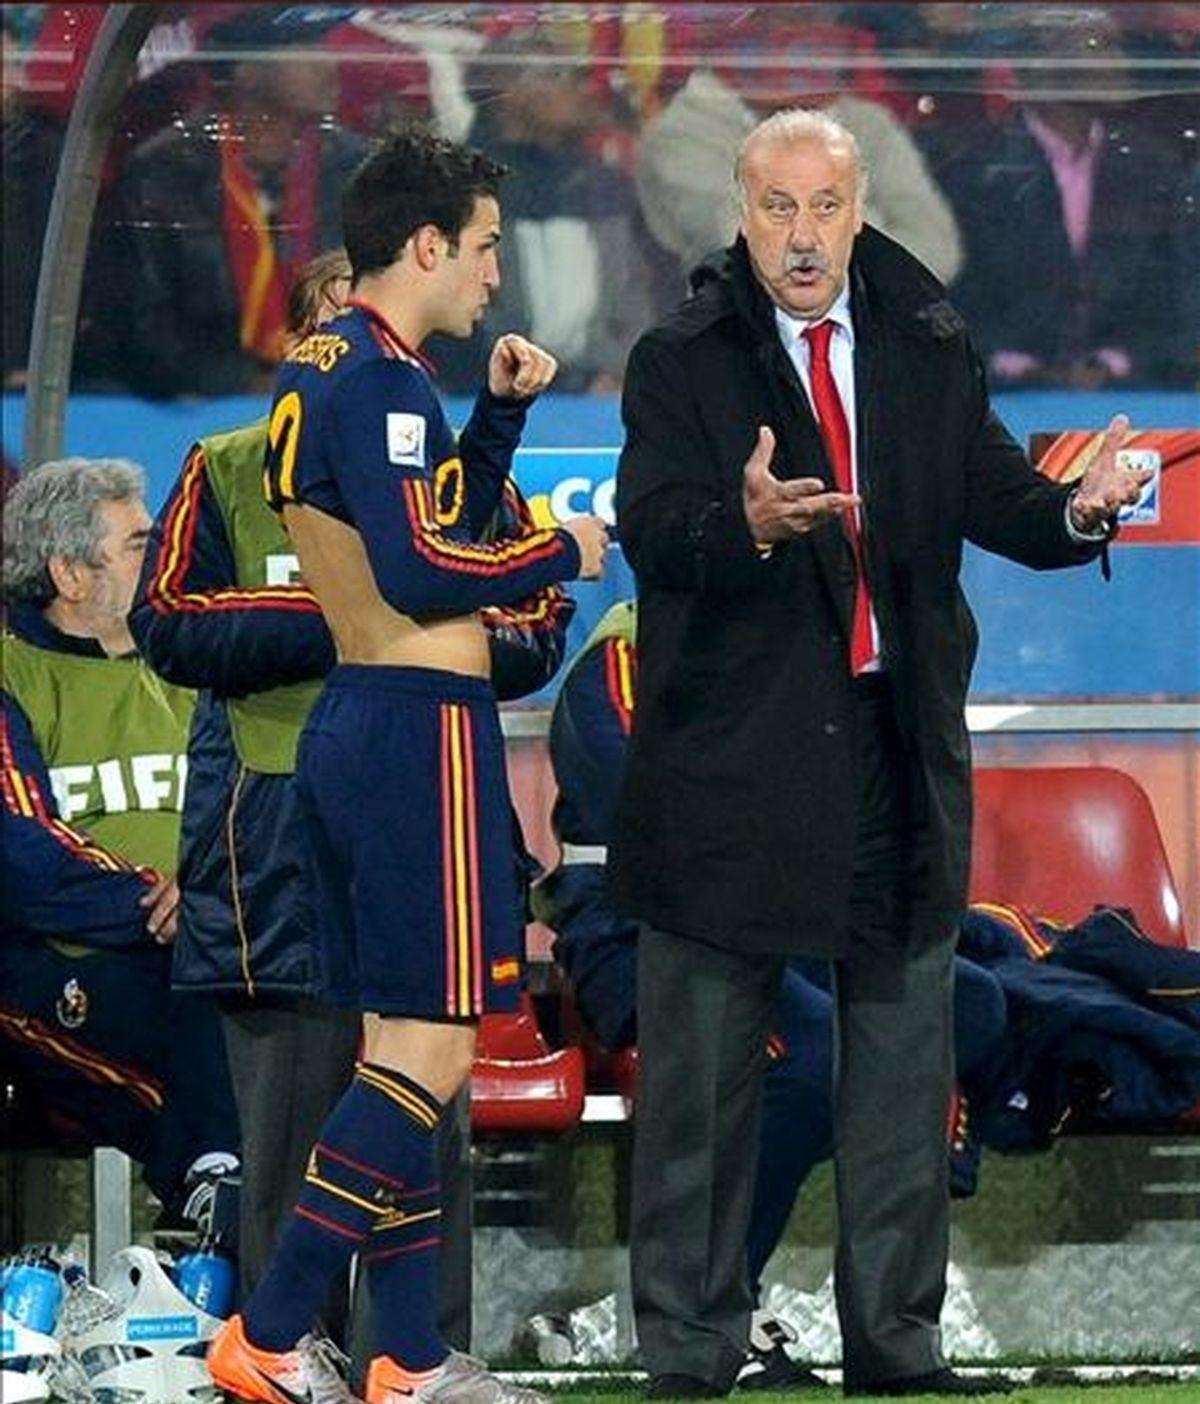 El seleccionador español Vicente del Bosque (d) da instrucciones al jugador Cesc Fabregas durante el partido Paraguay-España, de cuartos de final del Mundial de Fútbol de Sudáfrica 2010, hoy en el estadio Ellis Park de Johannesburgo, Sudáfrica. EFE